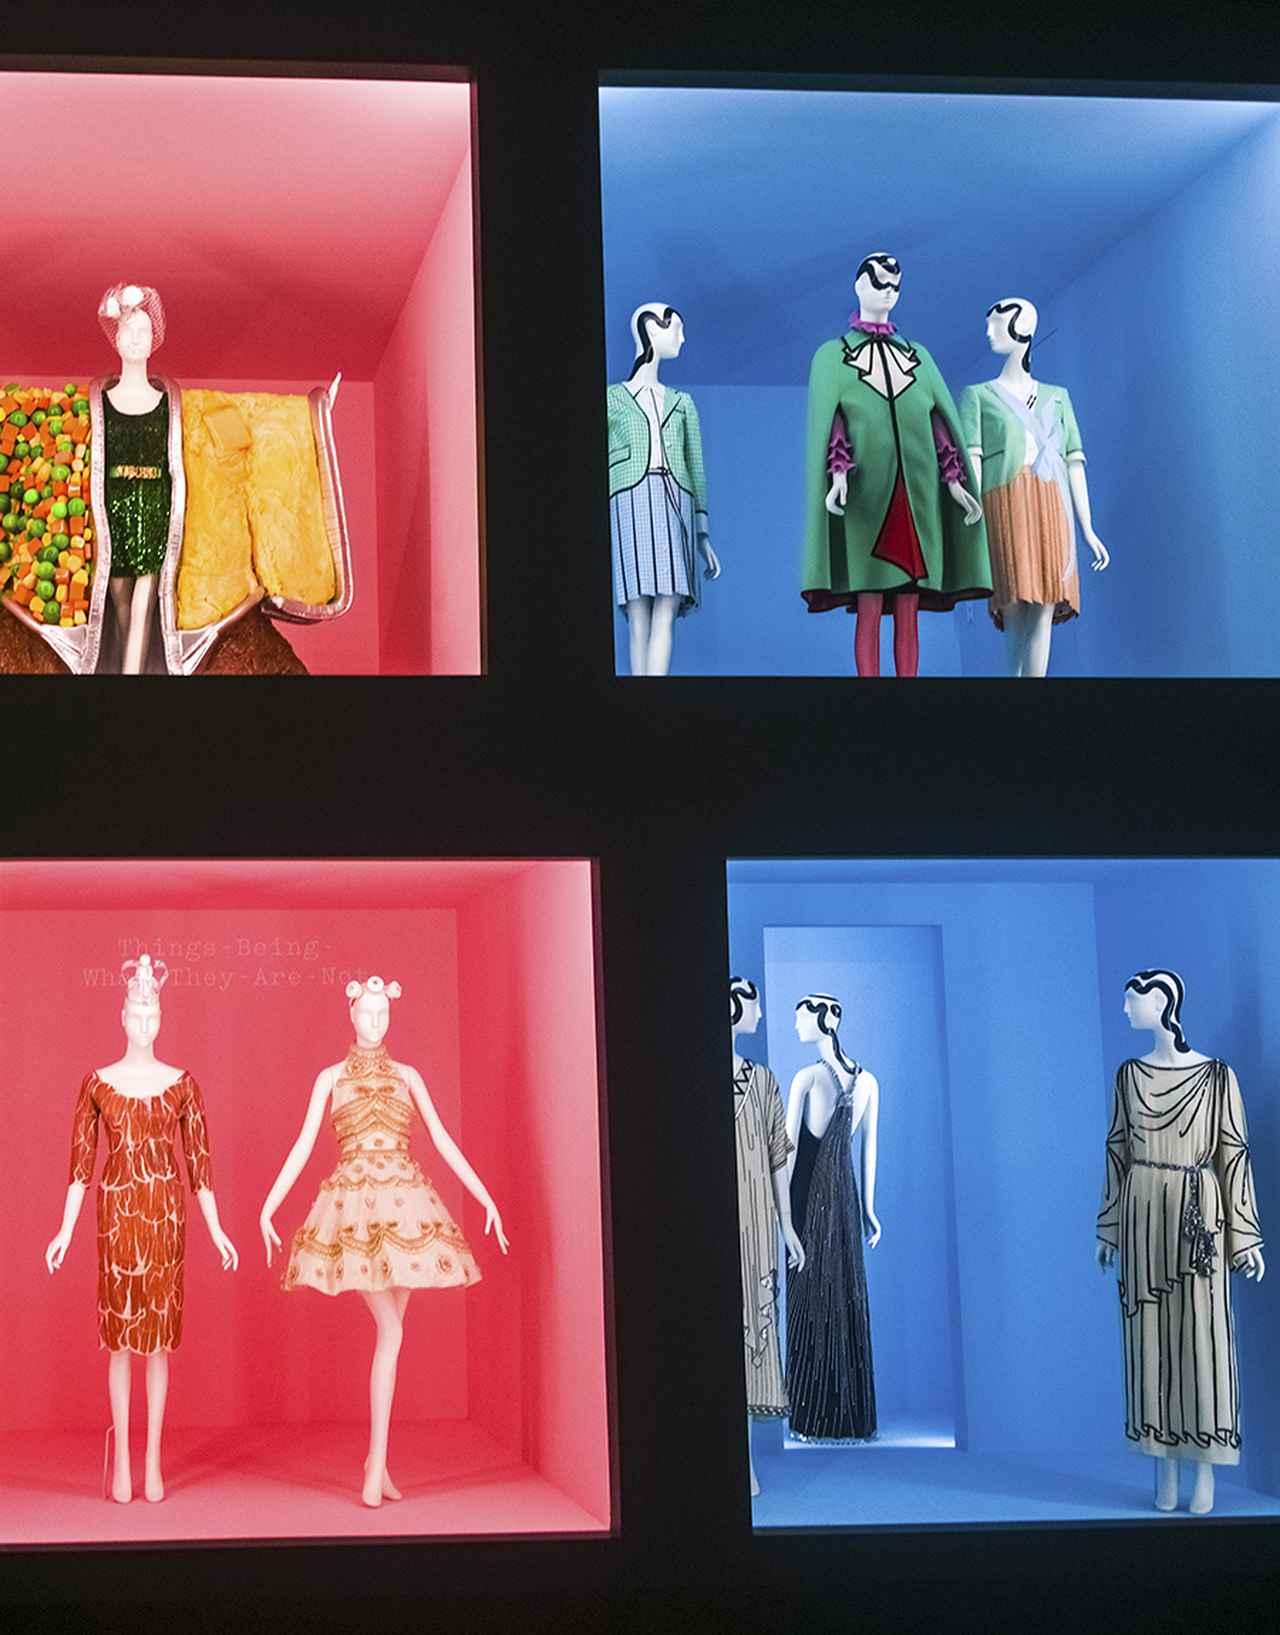 Images : 8番目の画像 - 「ファッションとアートの論客は メトロポリタン美術館の 『キャンプ』展をどう観たか」のアルバム - T JAPAN:The New York Times Style Magazine 公式サイト